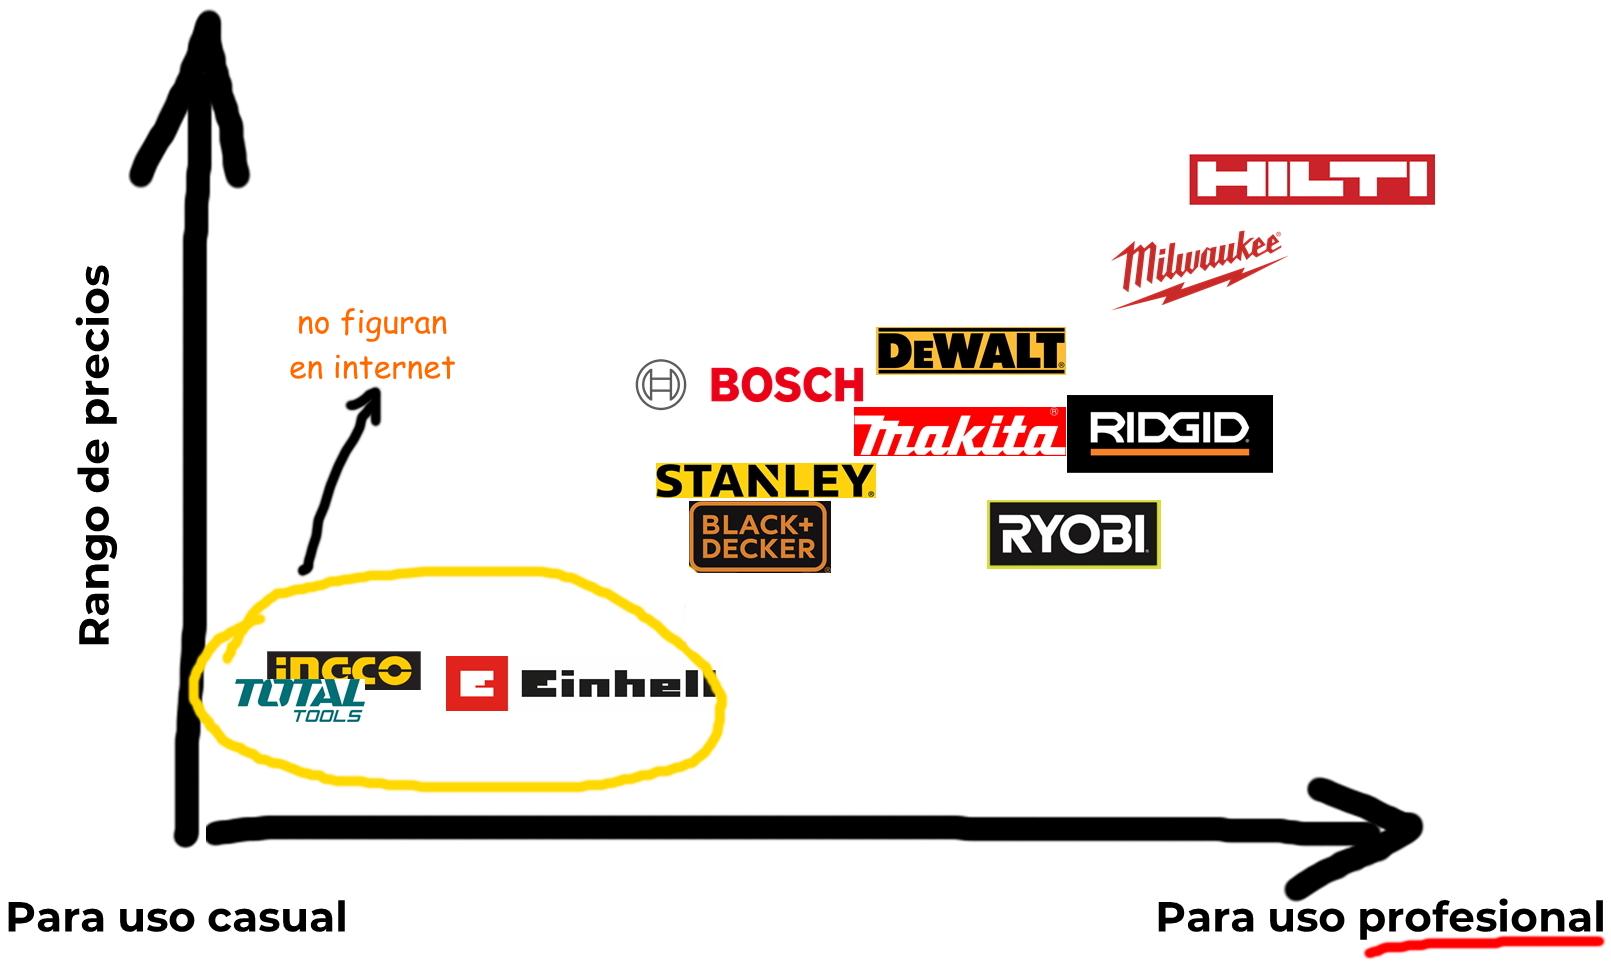 posicionamiento de marcas de herramientas en chile total tools einhell ingco dewalt makita stanley